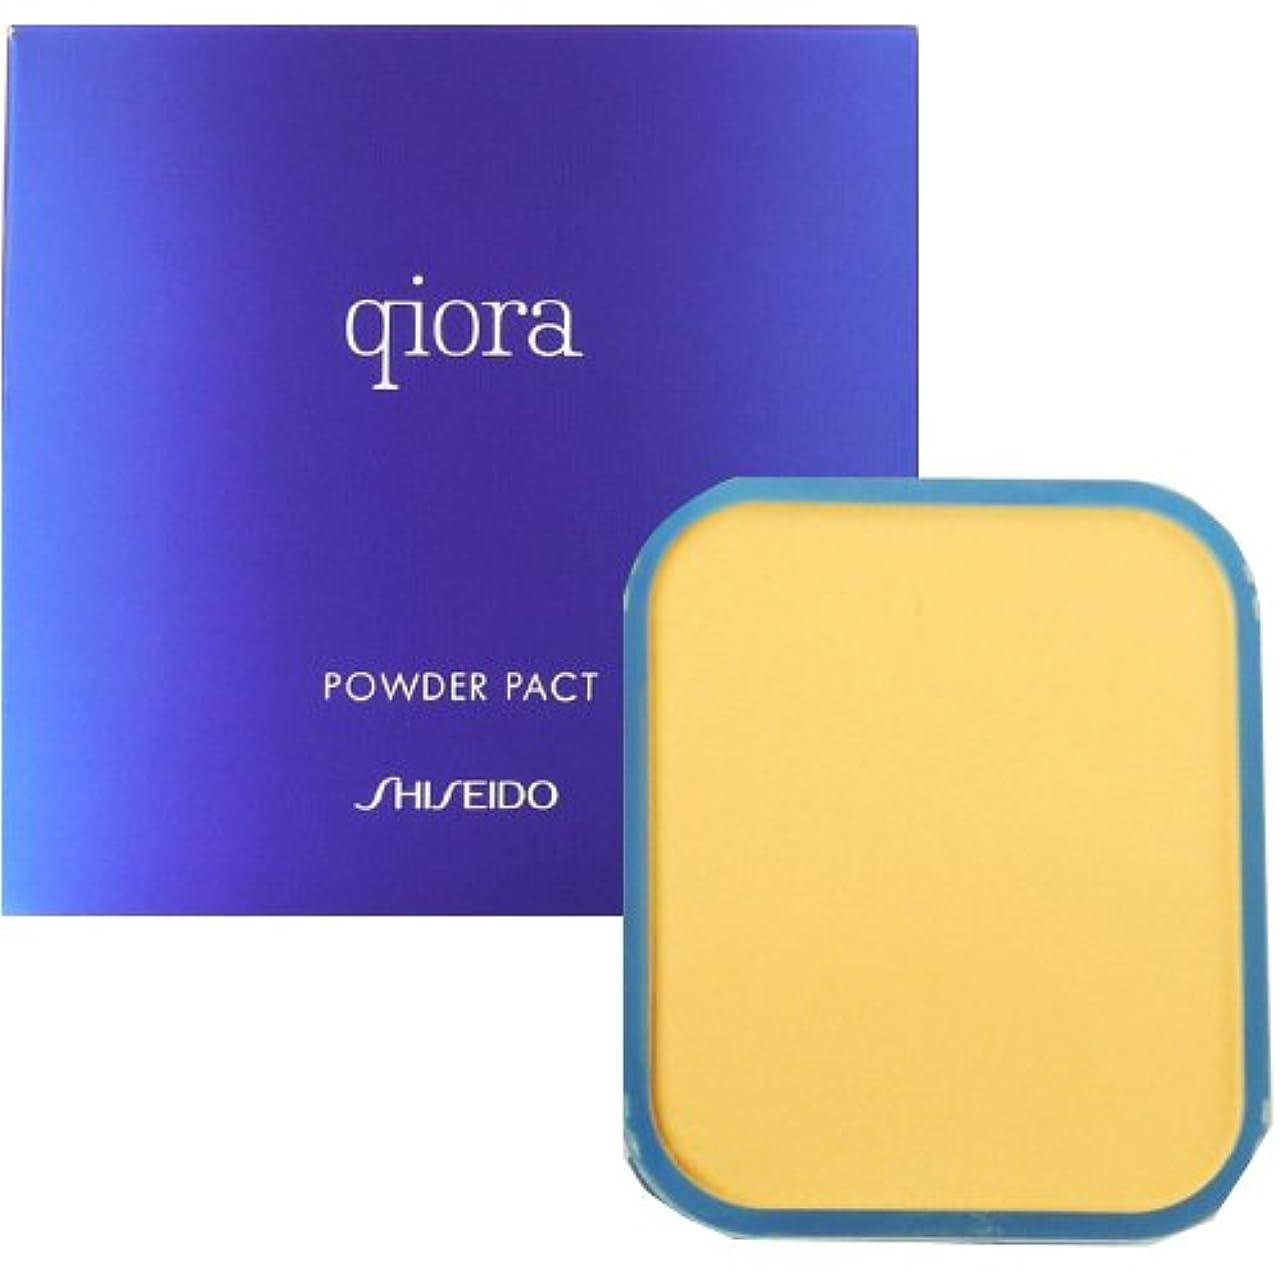 人物幾分表面資生堂 キオラ qiora パウダーパクト SPF17 PA++ 【詰め替え用】 10g【オークル20】